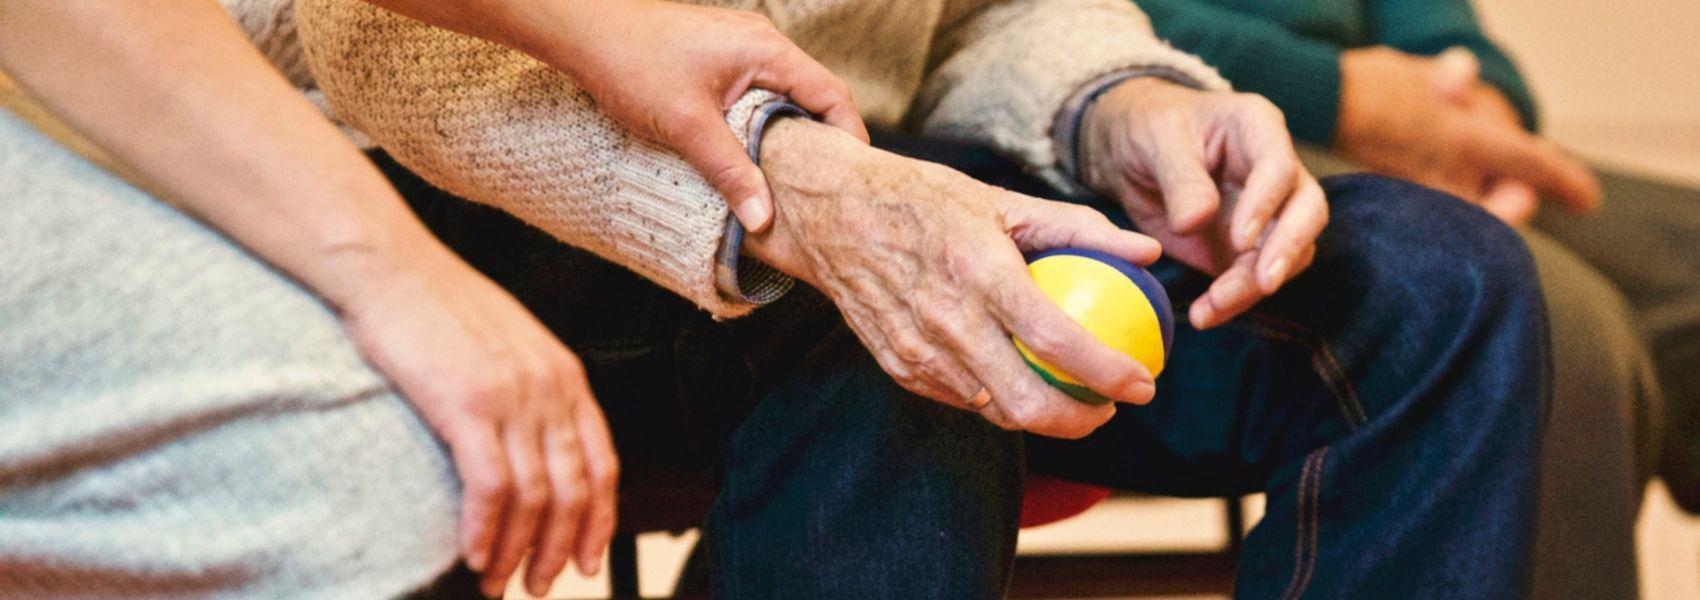 risco de saúde para cuidadores